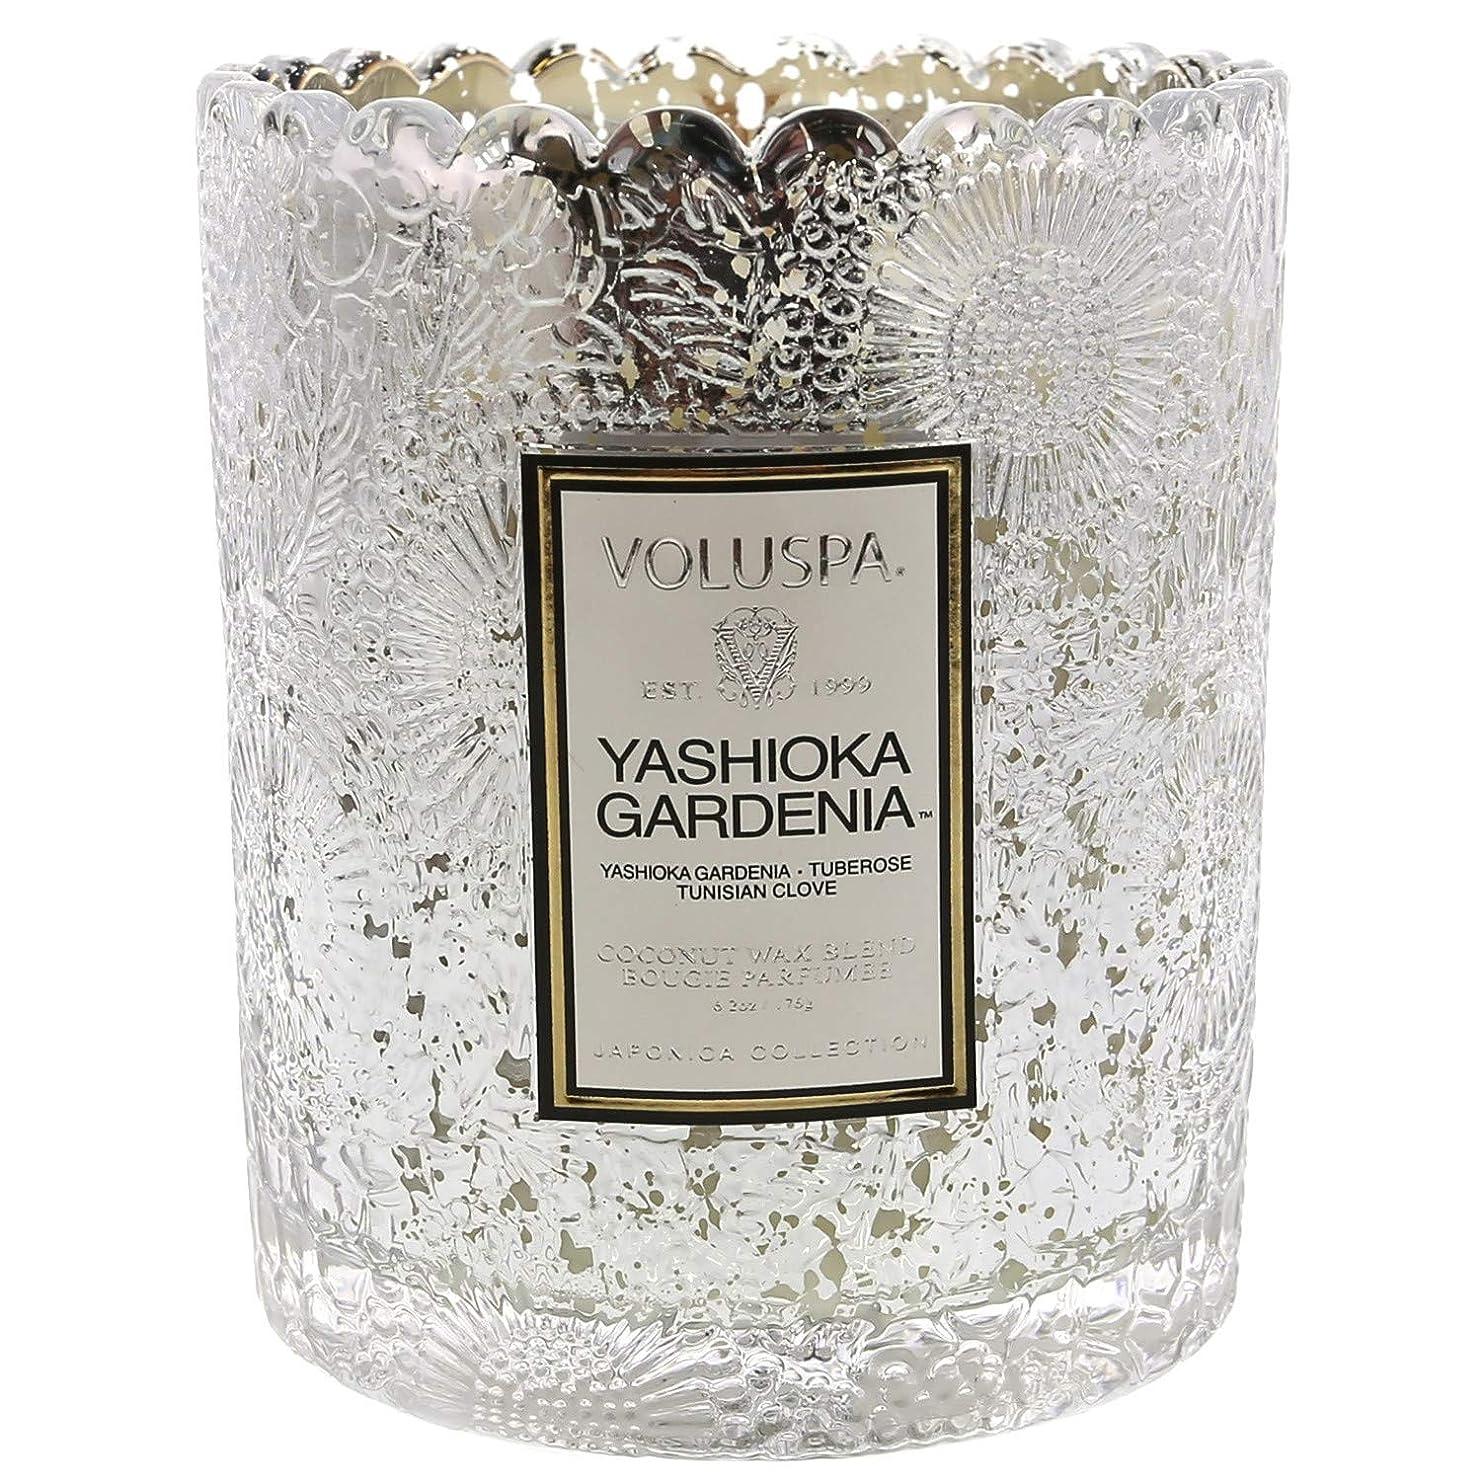 卑しい辛い関係するVoluspa ボルスパ ジャポニカ リミテッド スカラップグラスキャンドル  ヤシオカガーデニア YASHIOKA GARDENIA JAPONICA Limited SCALLOPED EDGE Glass Candle